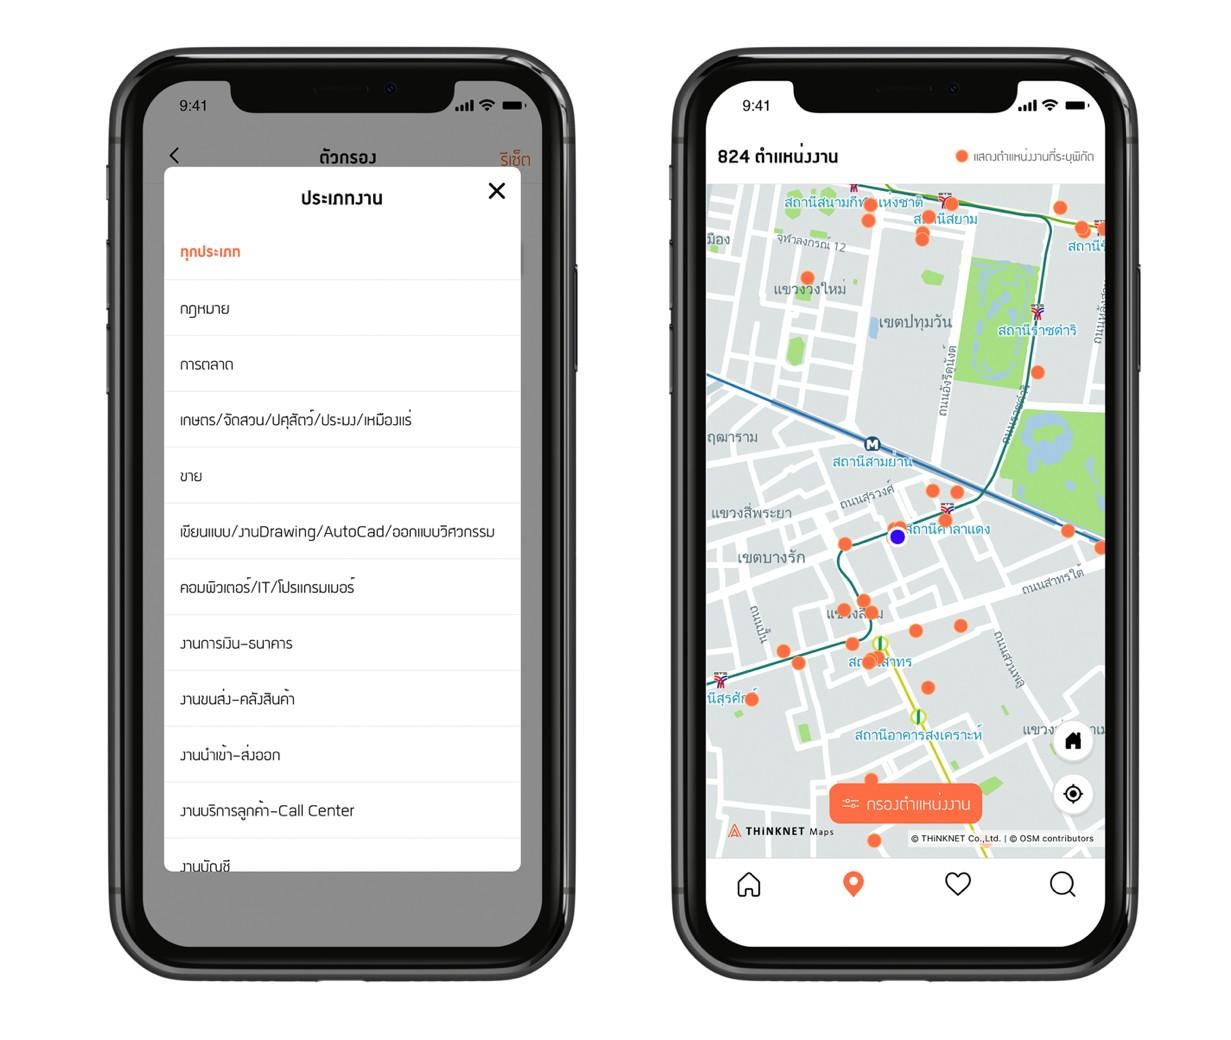 JobThai Mobile Application งาน หางาน สมัครงาน Jobs Near Me หางานบนแผนที่